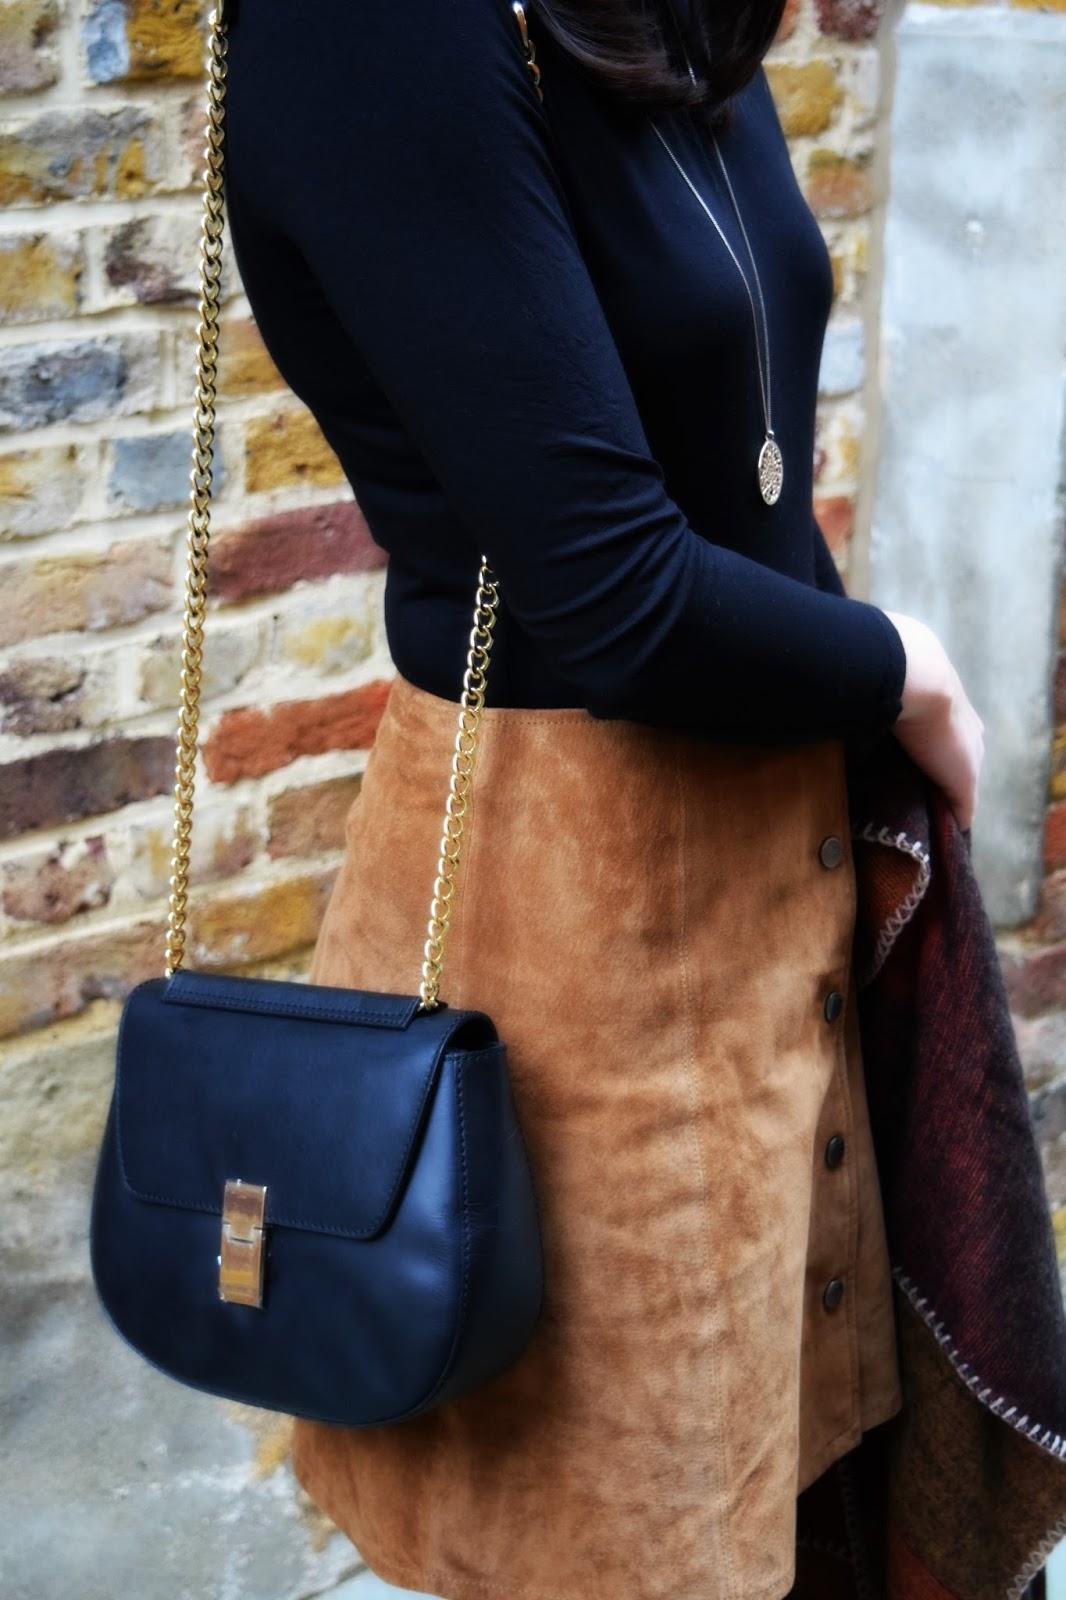 ASOS satchel handbag